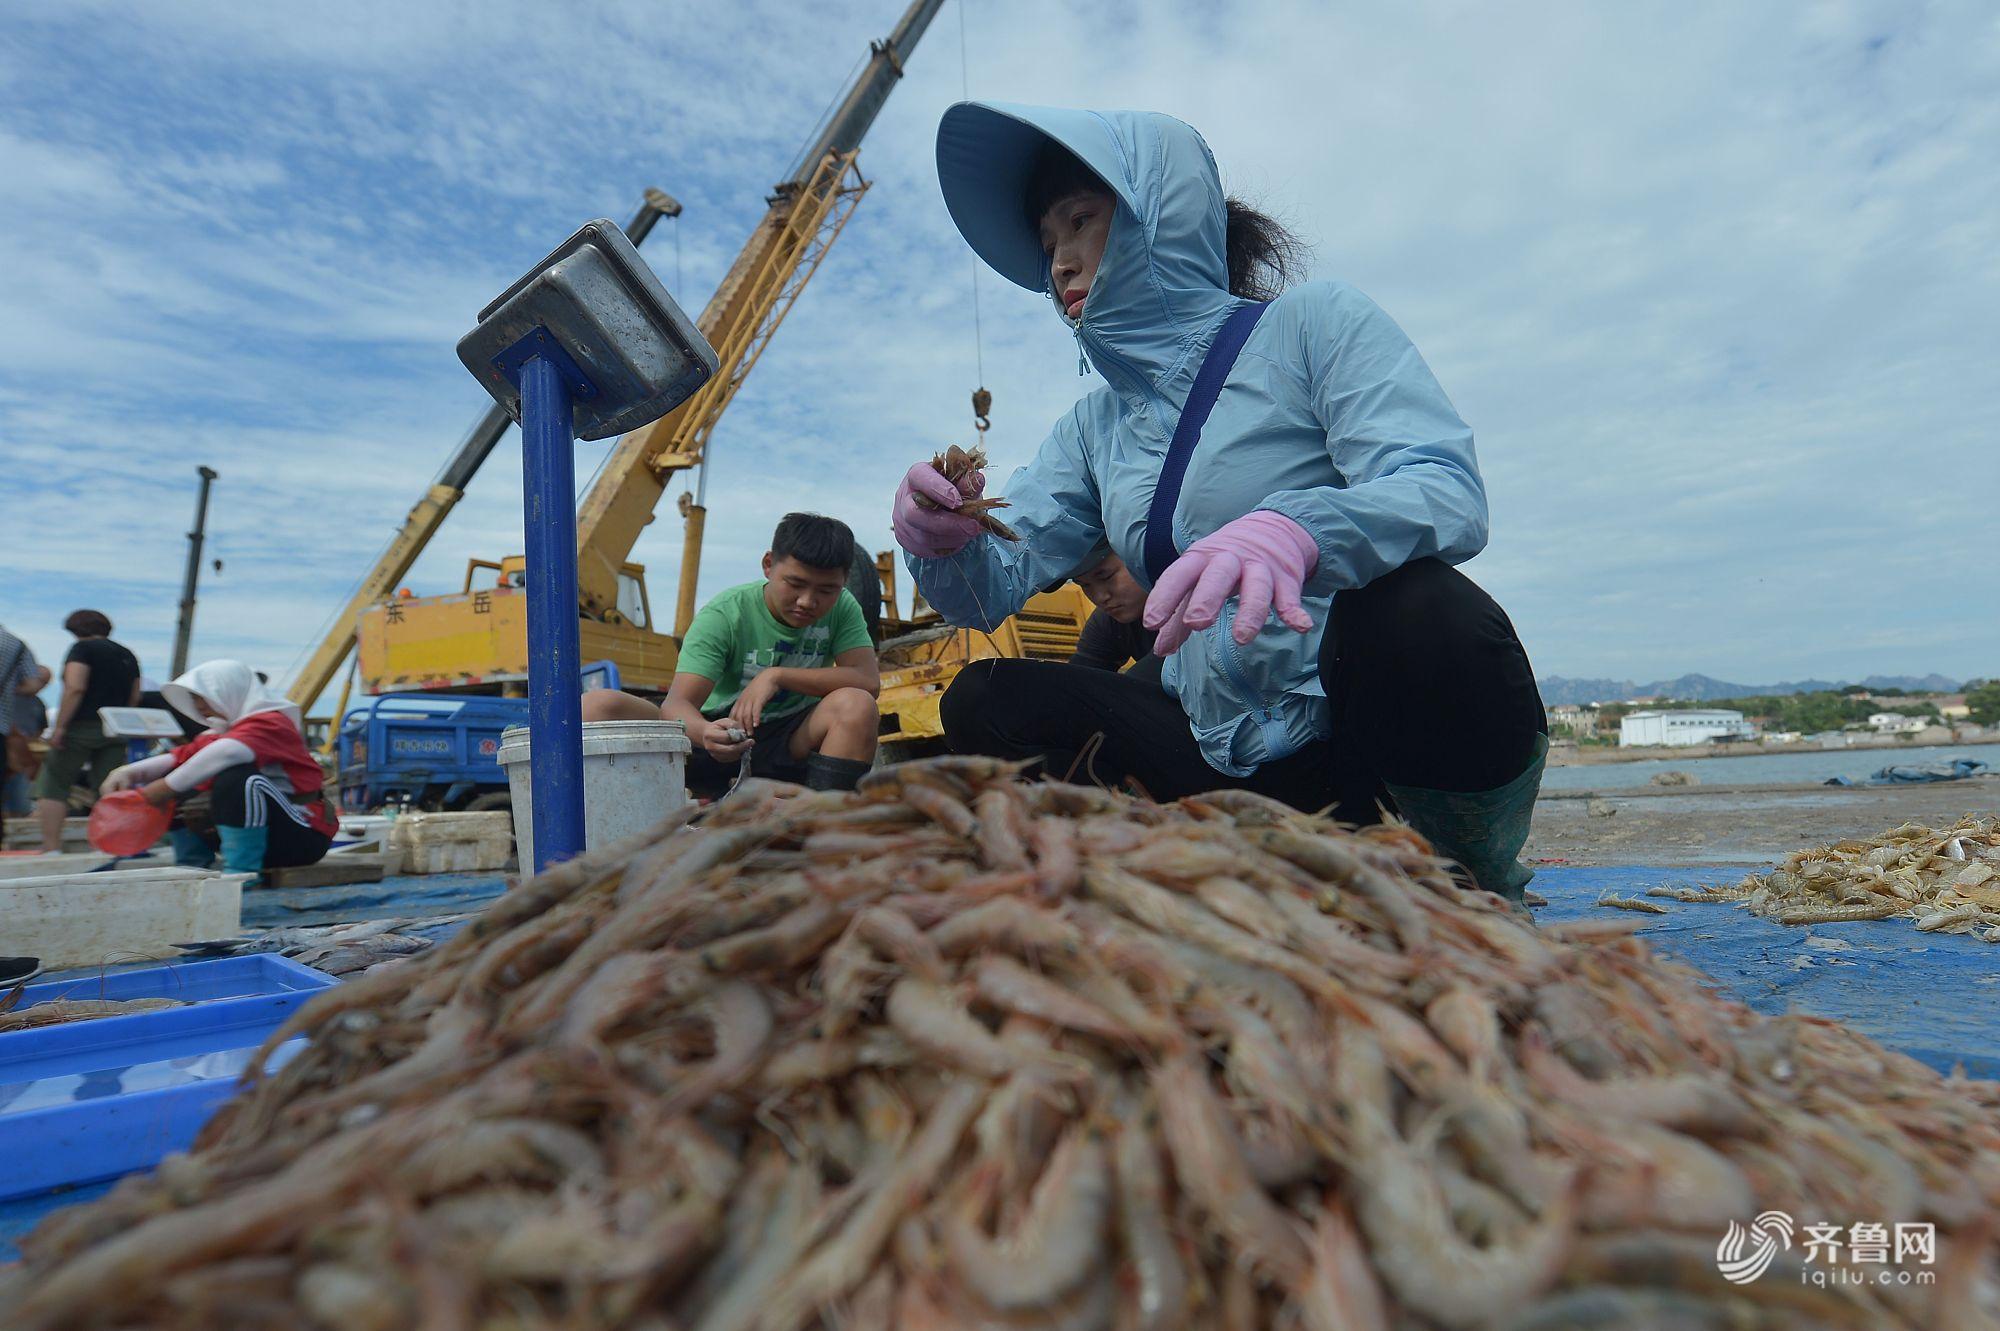 晒·秋 | 秋捕正当时 青岛海鲜市场热销鱼虾贝类海产